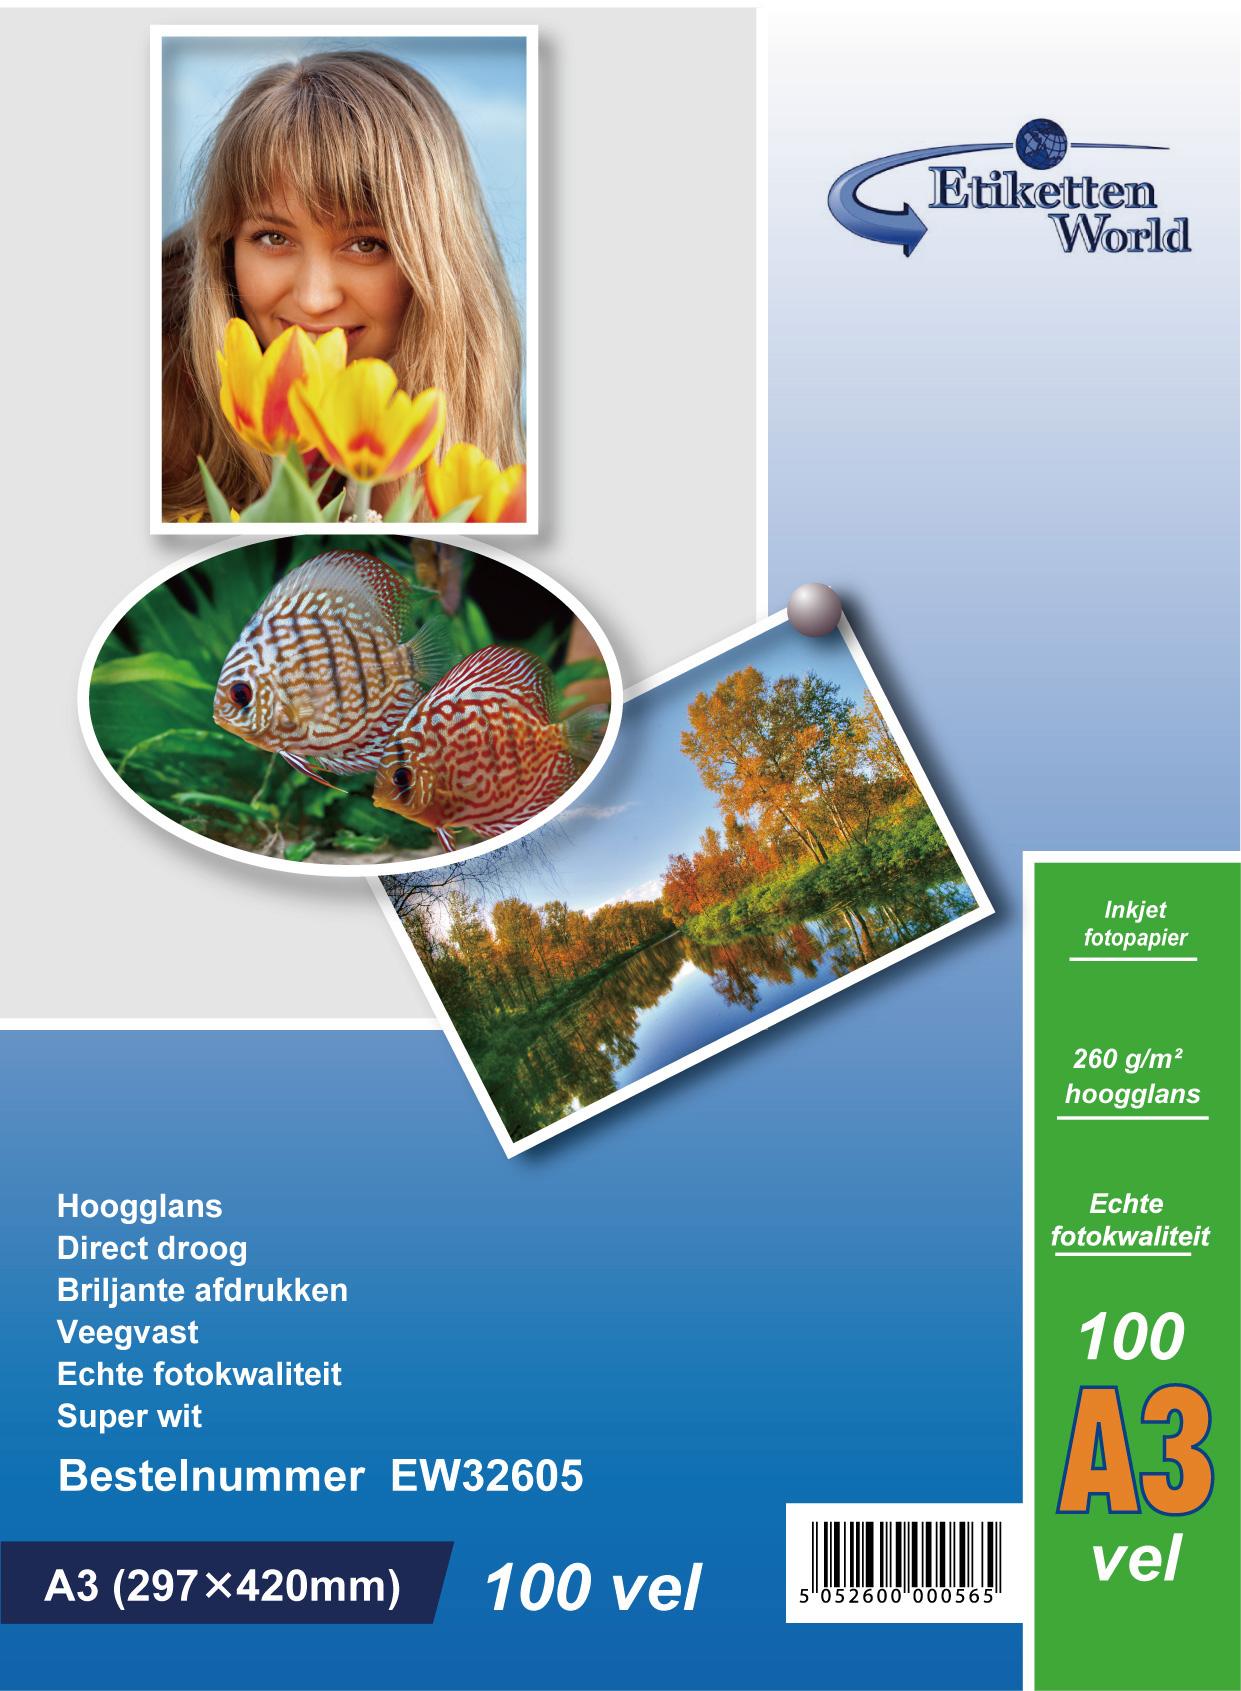 EtikettenWorld BV Fotopapier A3 260g/qm High Glossy und wasserfest